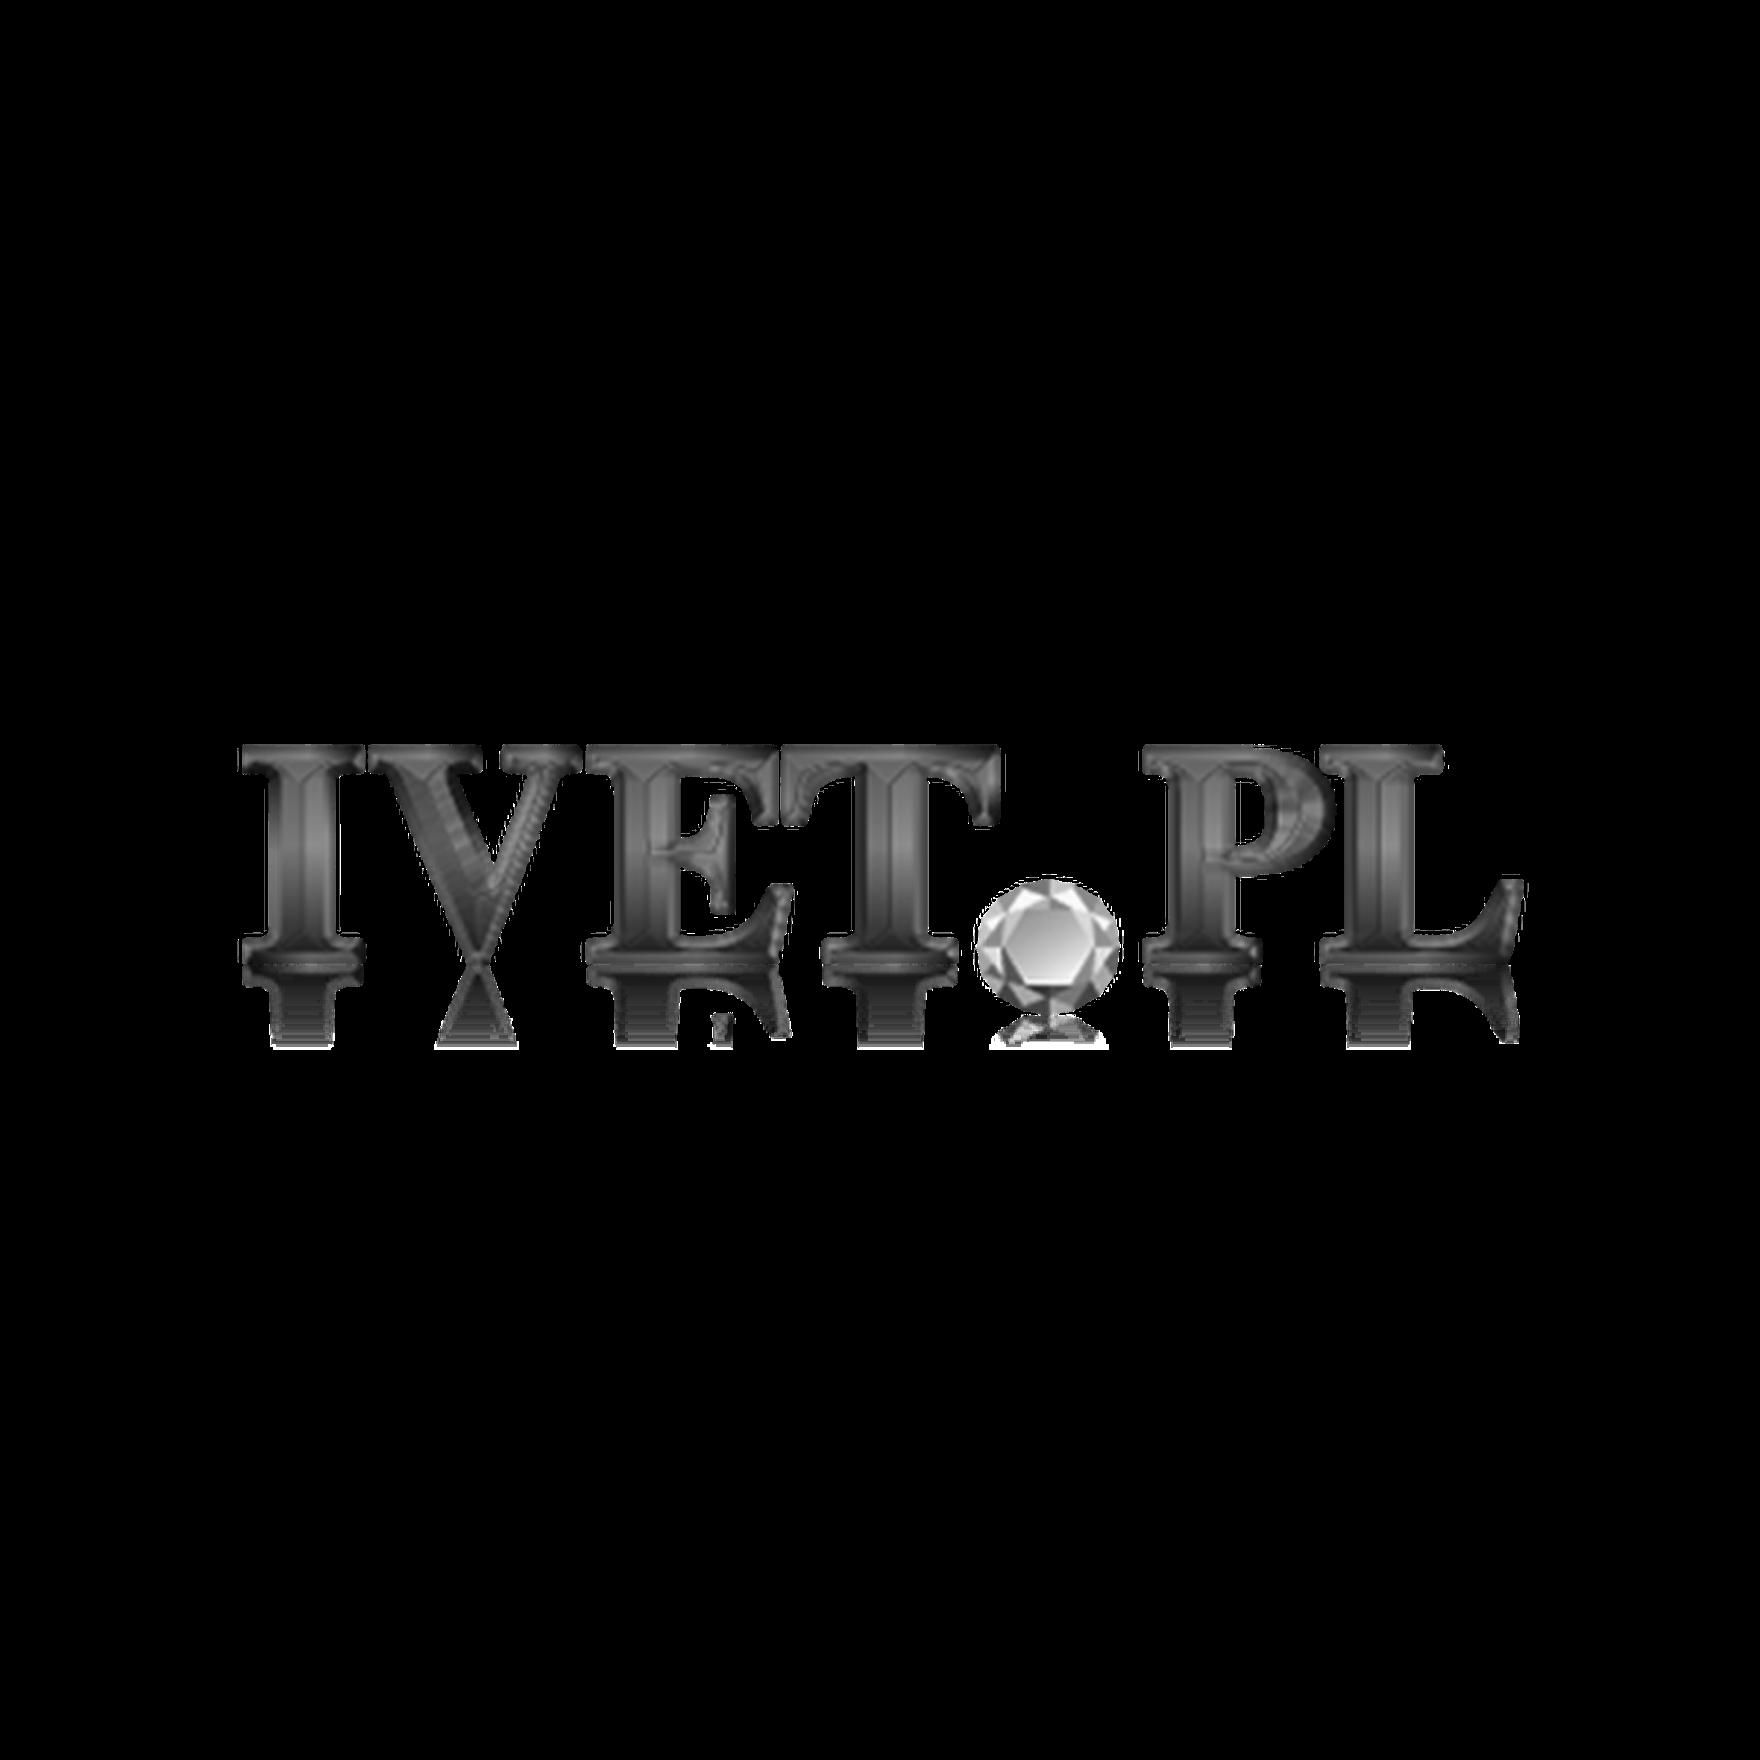 Ivet.pl